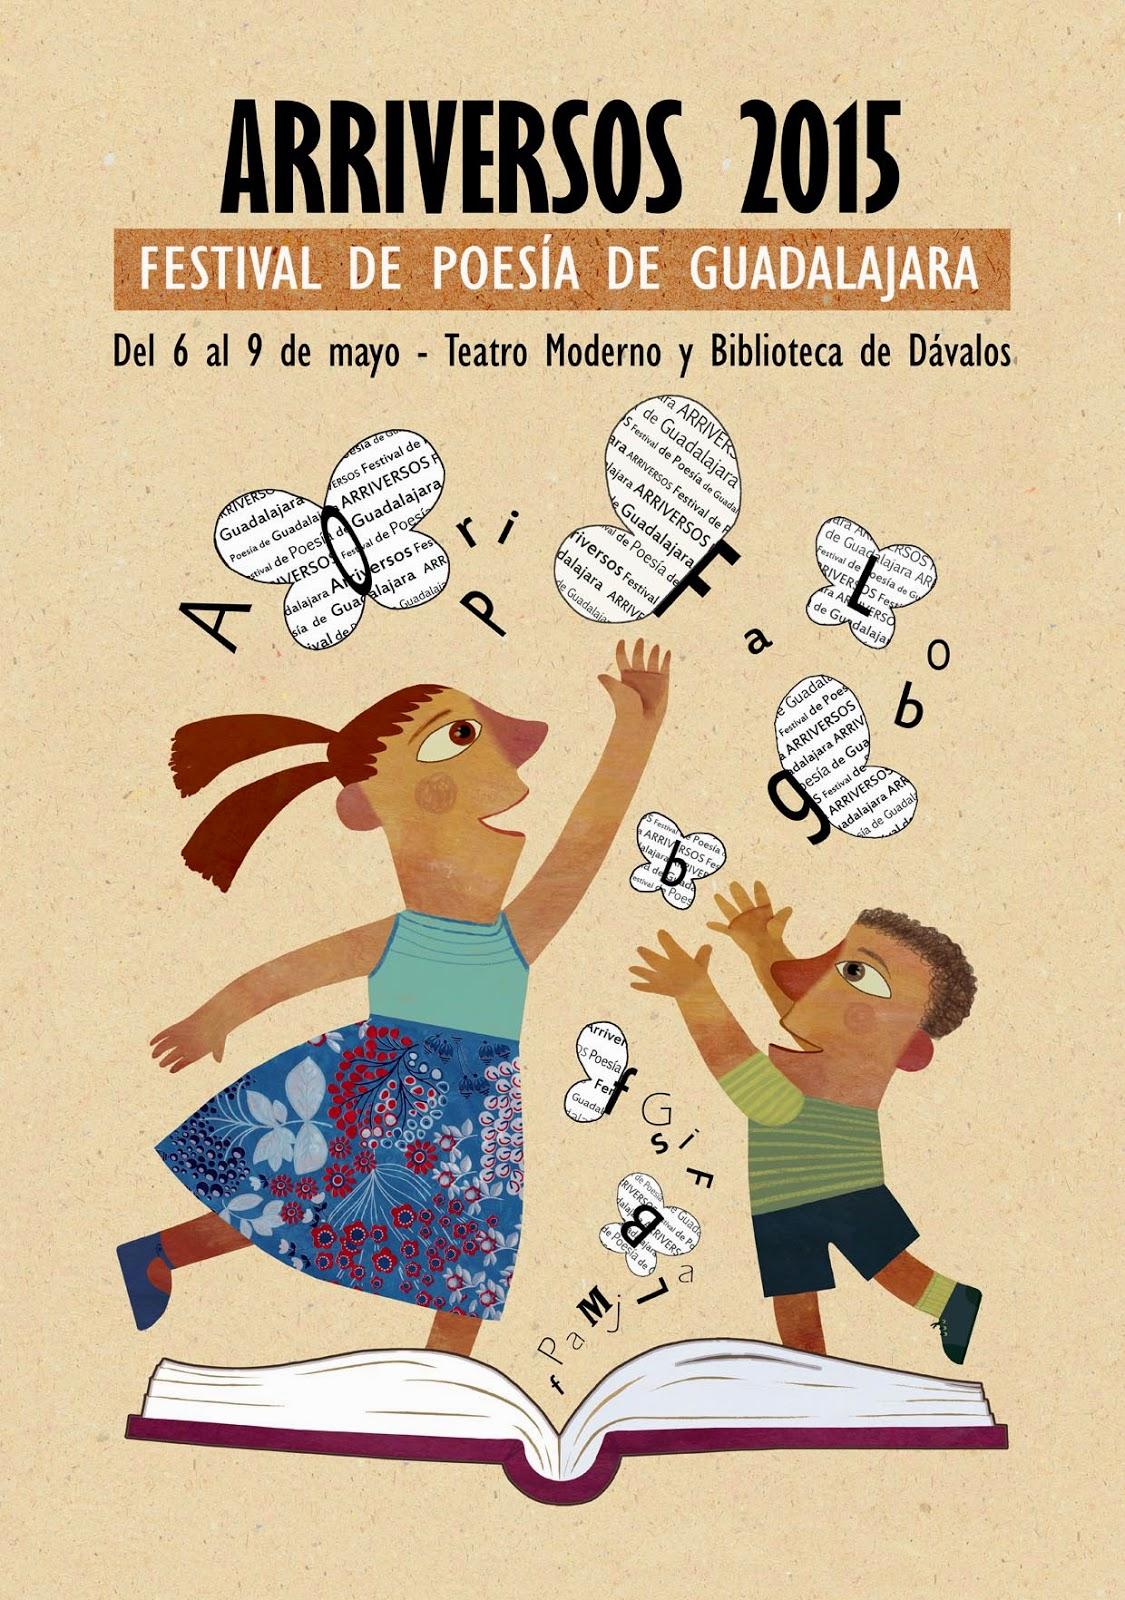 Arriversos, festival de poesía, Guadalajara, Susana Rosique, cartel, ilustración